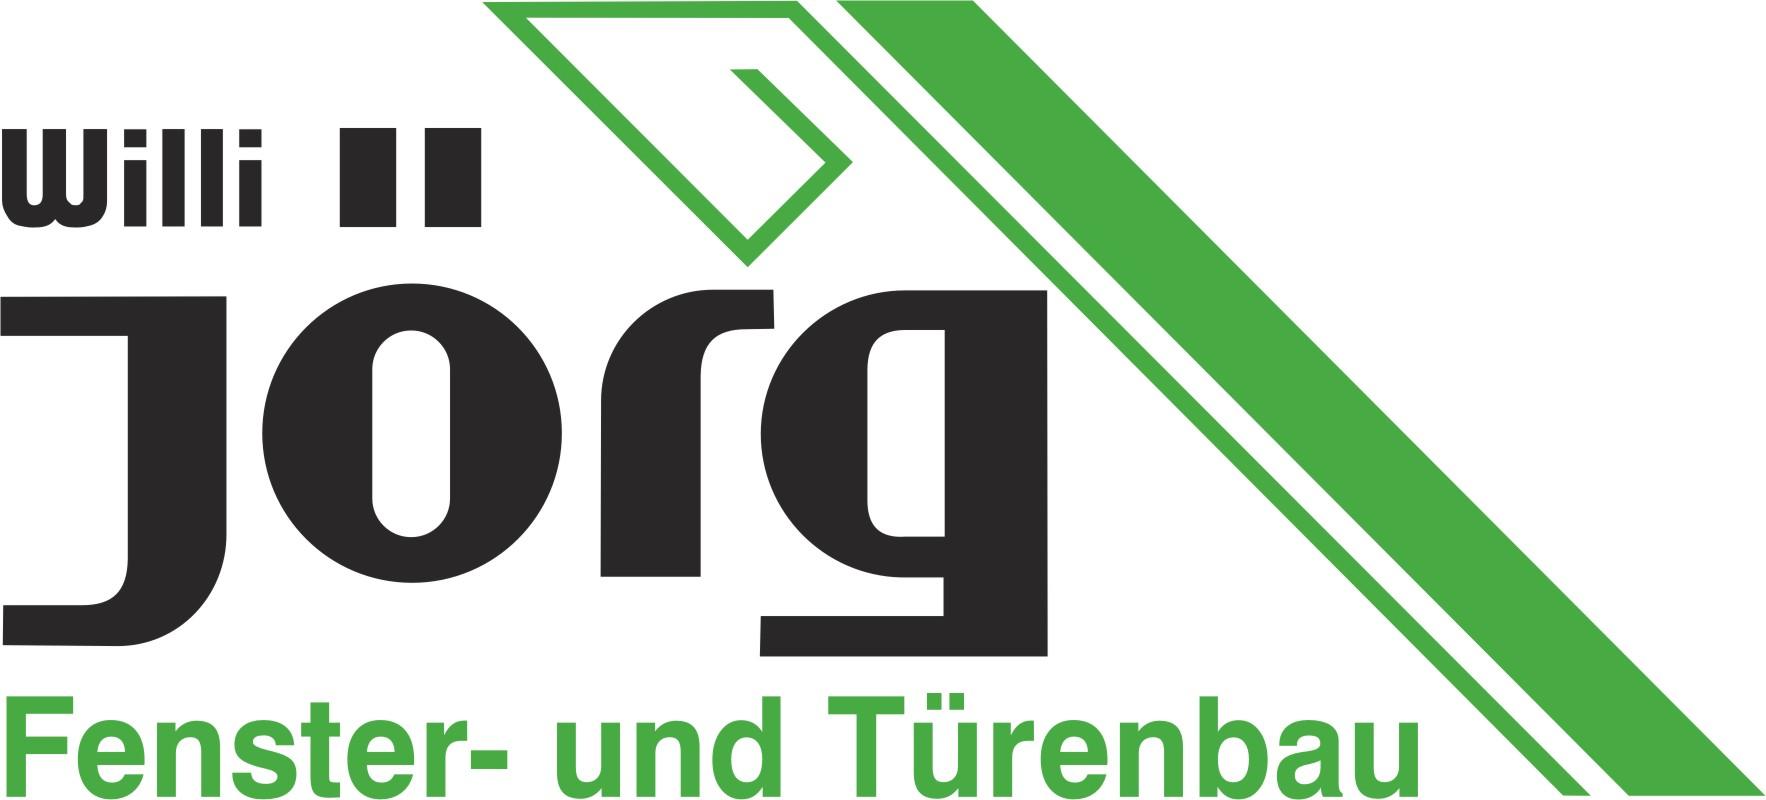 Fensterbau Jörg